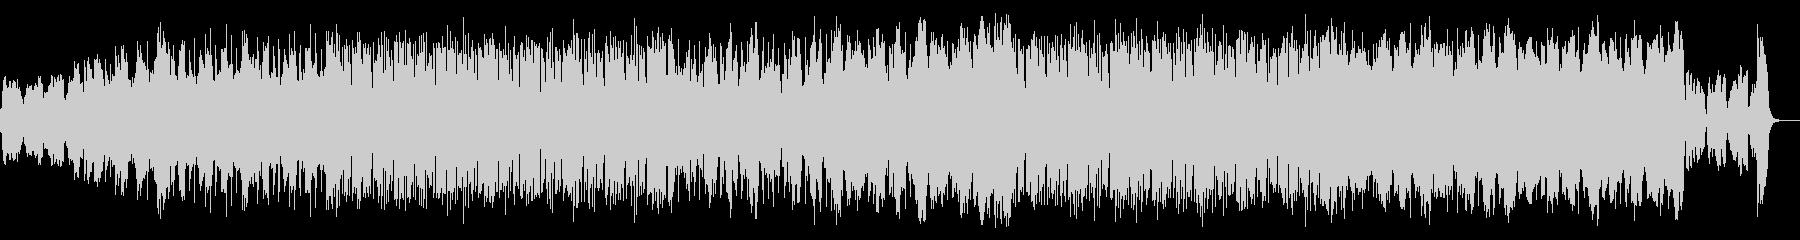 オーボエのリフレインとエレクトロニカの未再生の波形